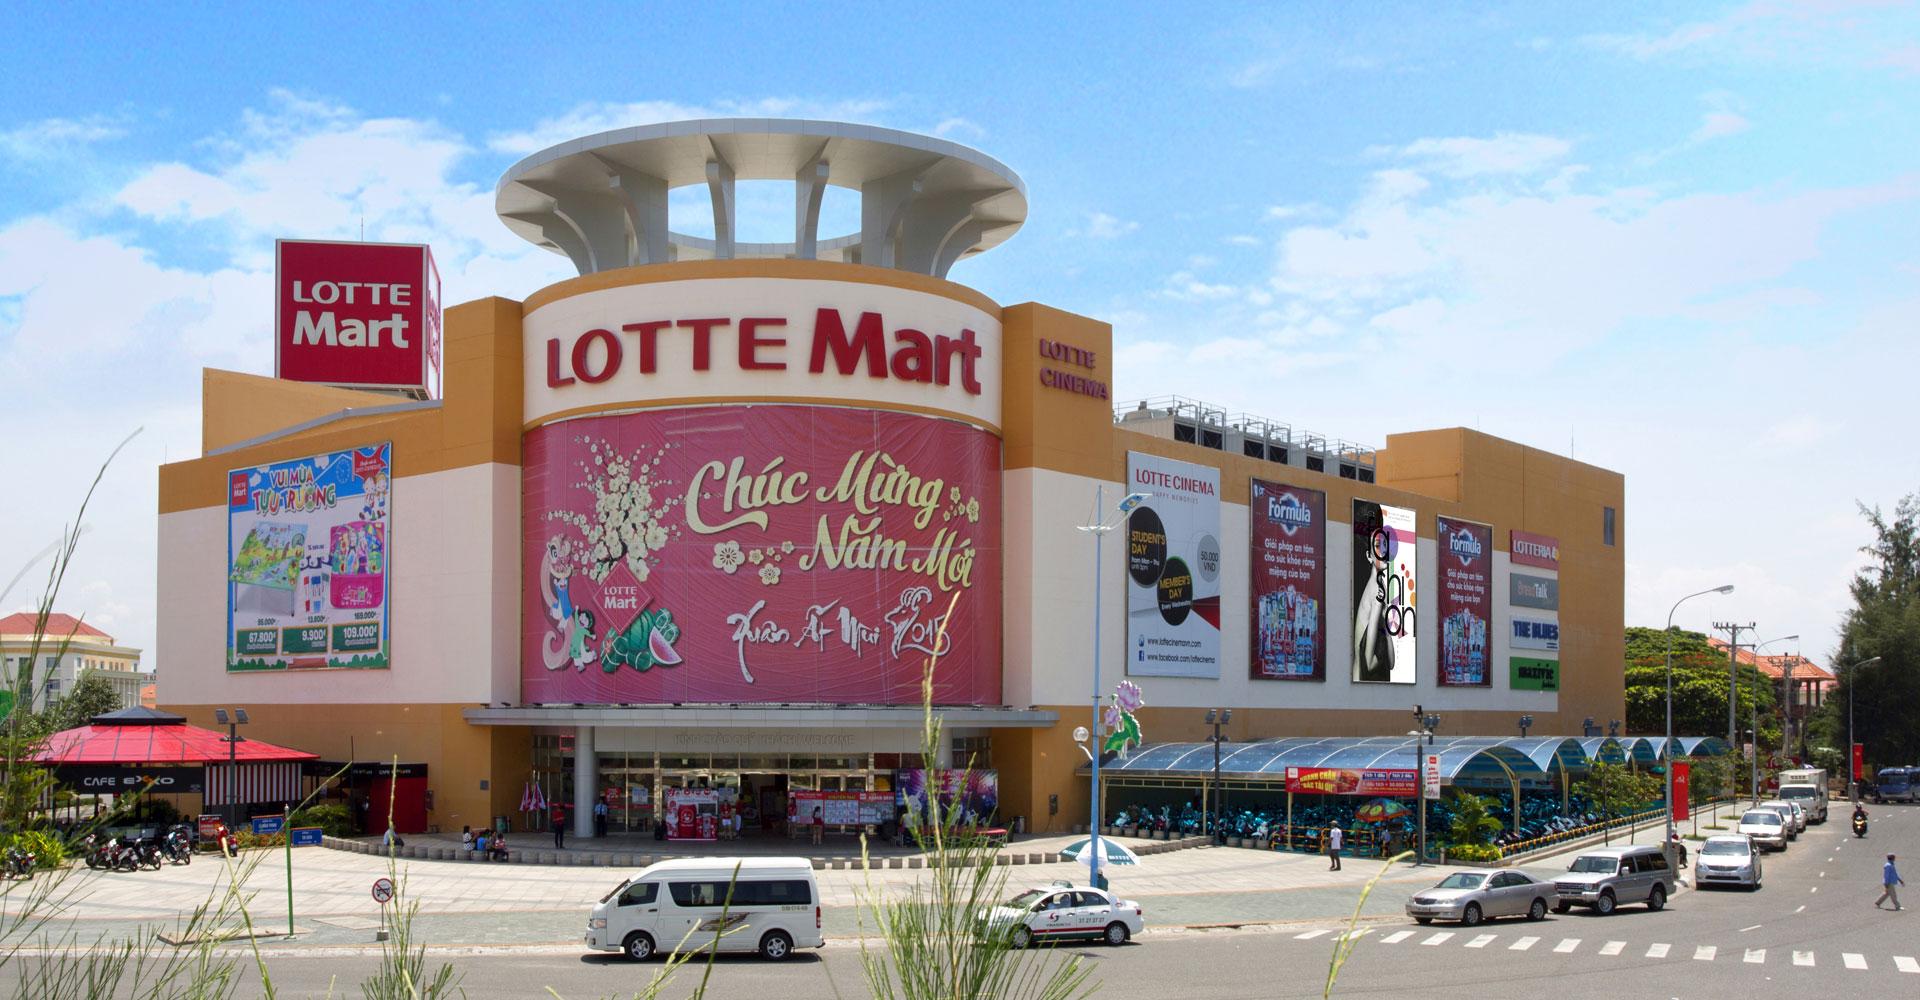 Lotte mart - Vũng Tàu